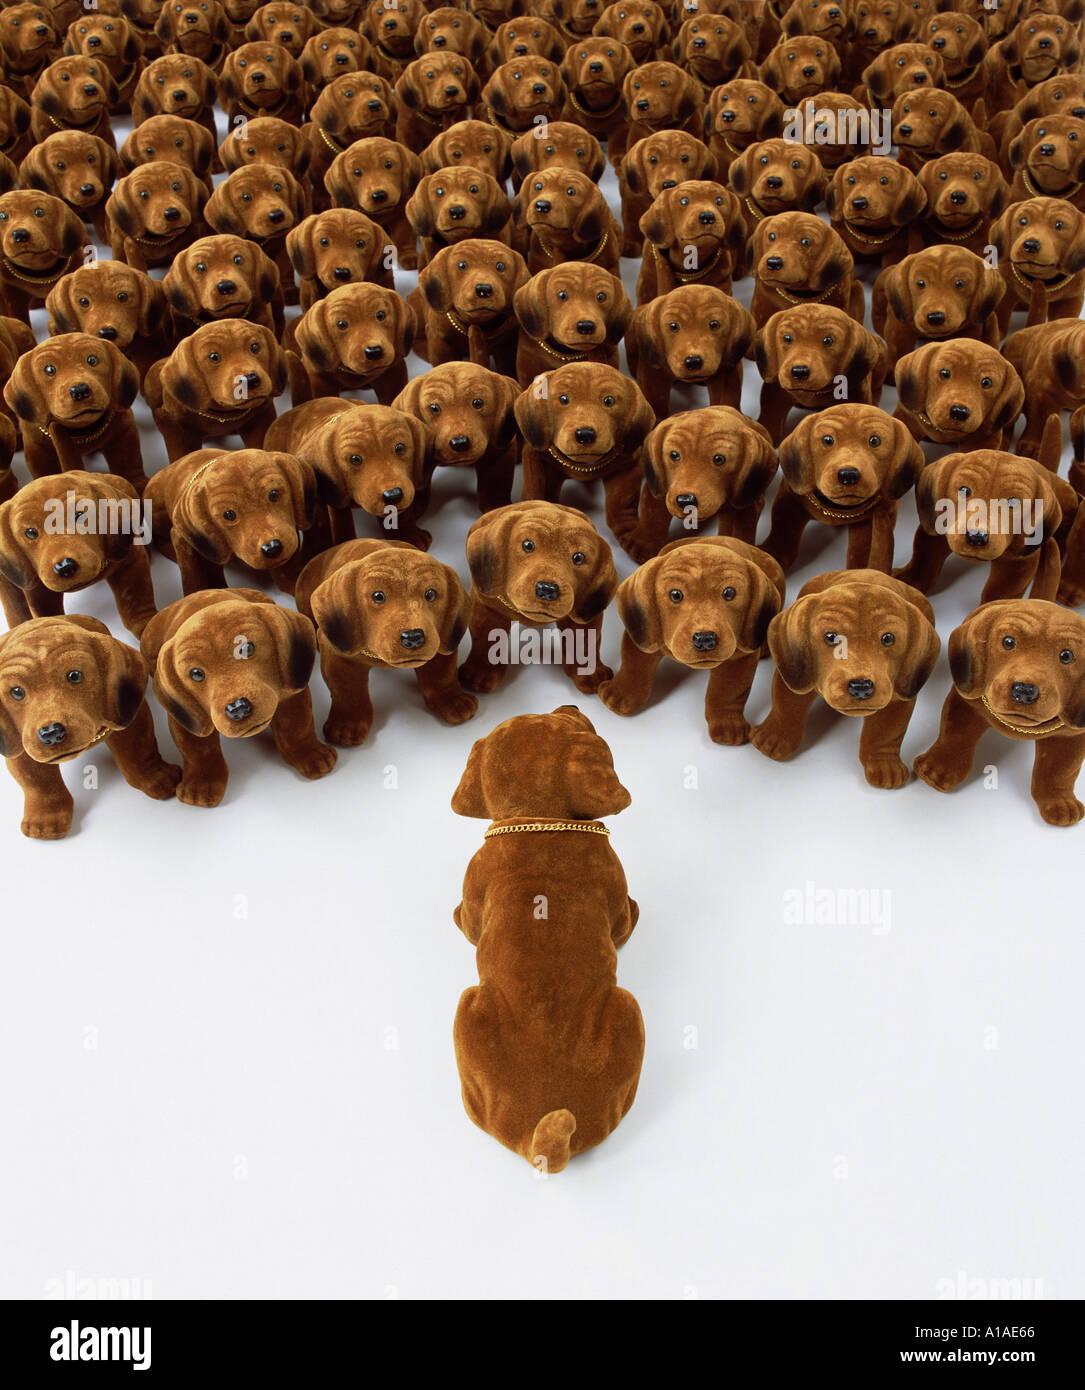 Einzelnen nickend Hund sprechen zur Gruppe der nickenden Hunde Stockbild